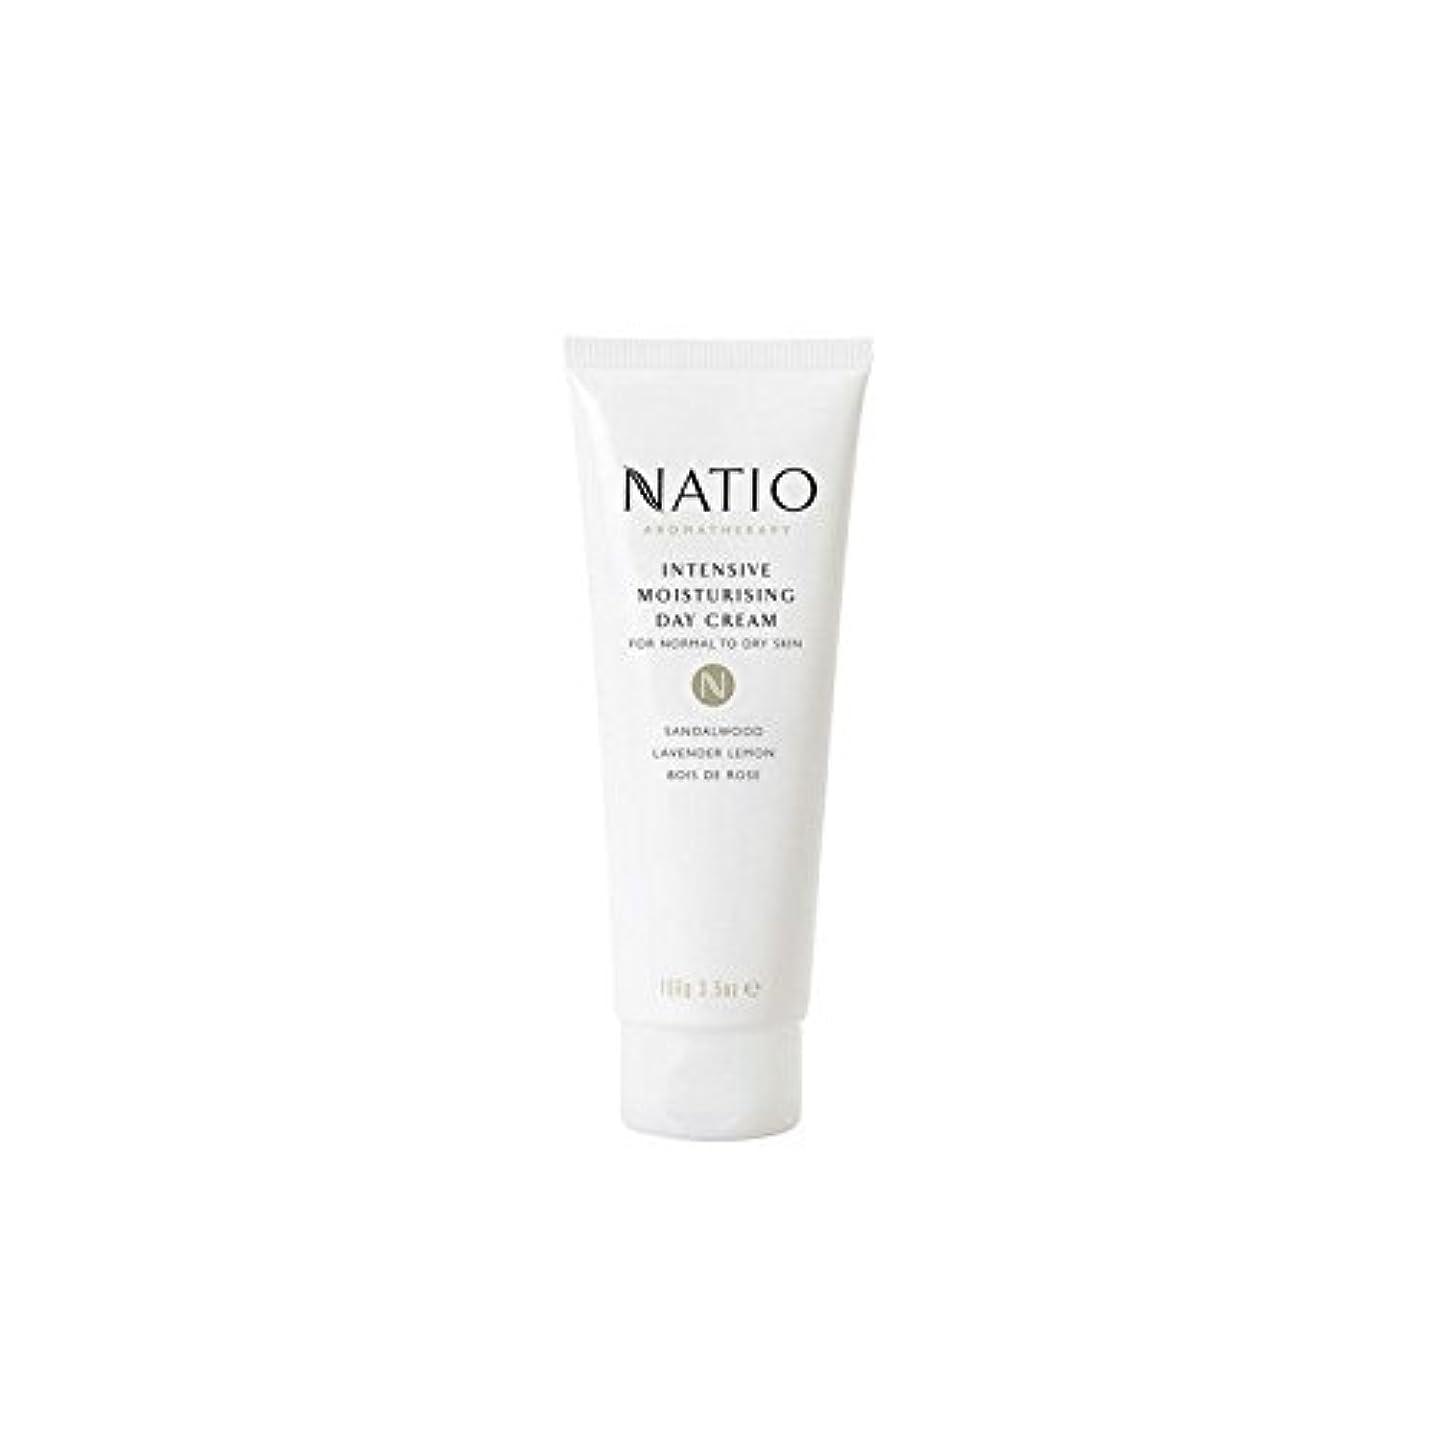 宇宙船思慮深い紀元前集中的な保湿デイクリーム(100グラム) x4 - Natio Intensive Moisturising Day Cream (100G) (Pack of 4) [並行輸入品]